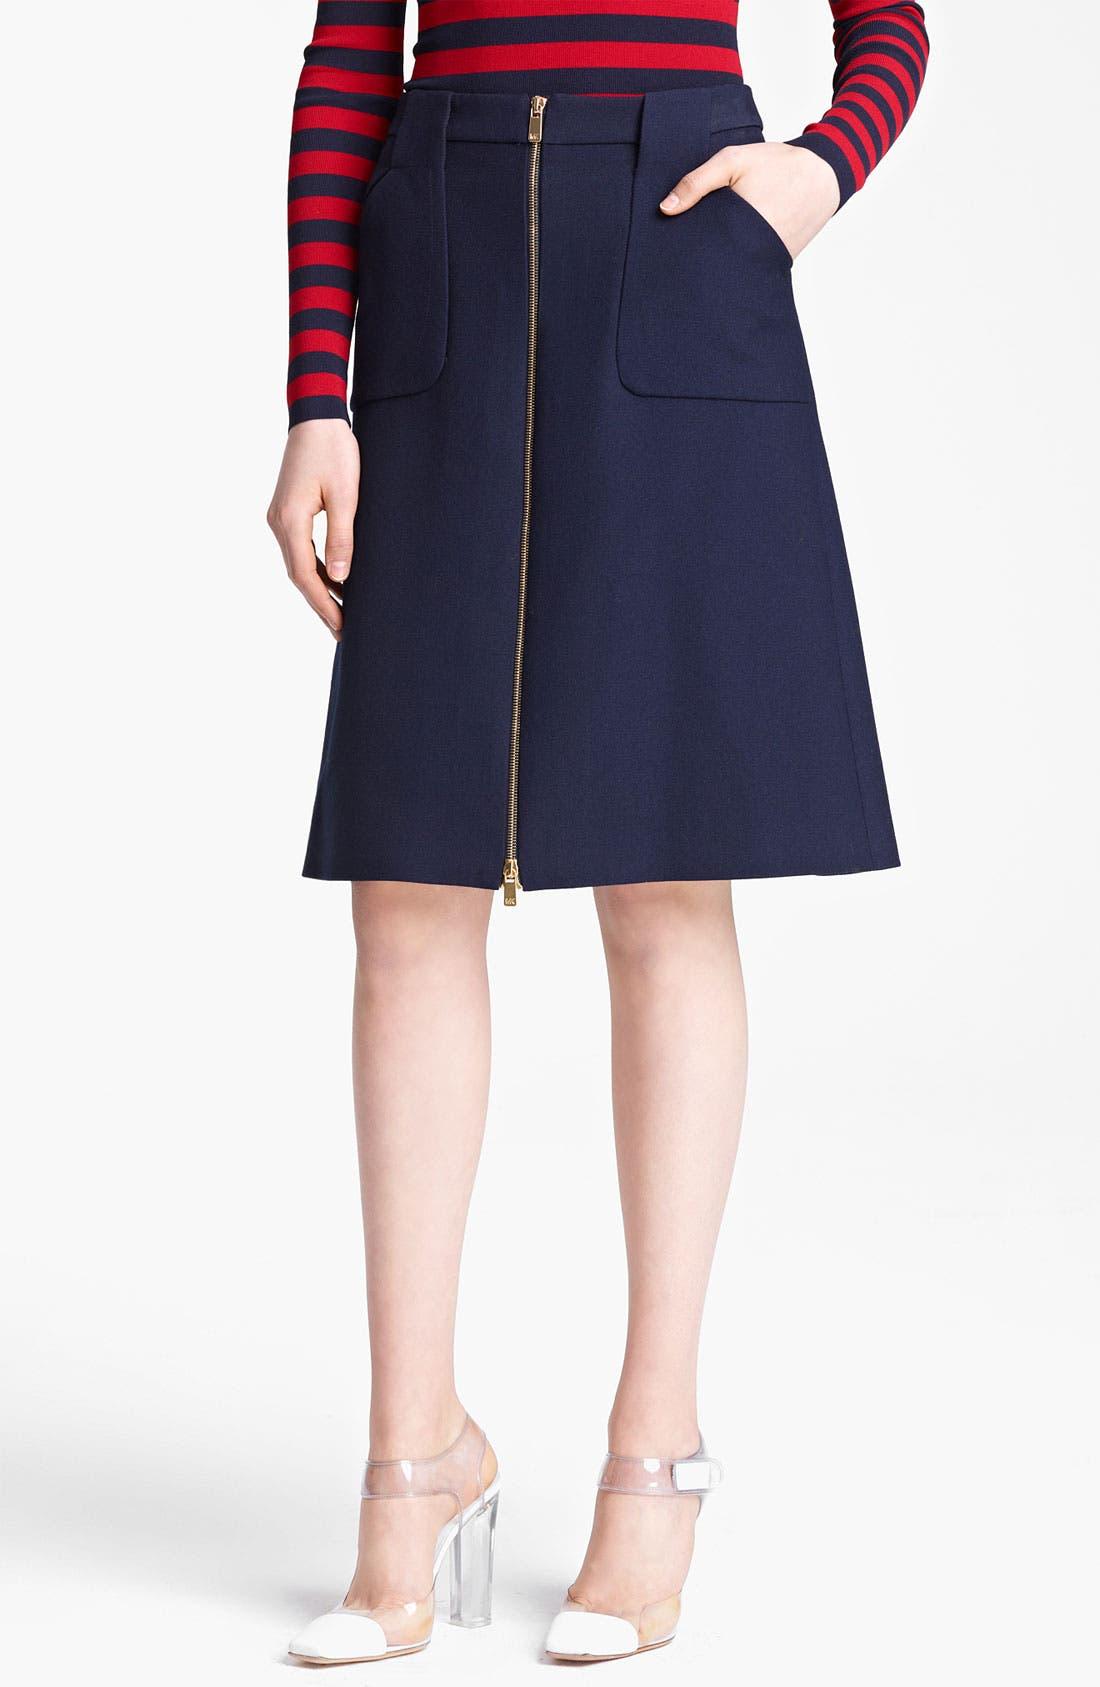 Alternate Image 1 Selected - Michael Kors Gabardine Skirt